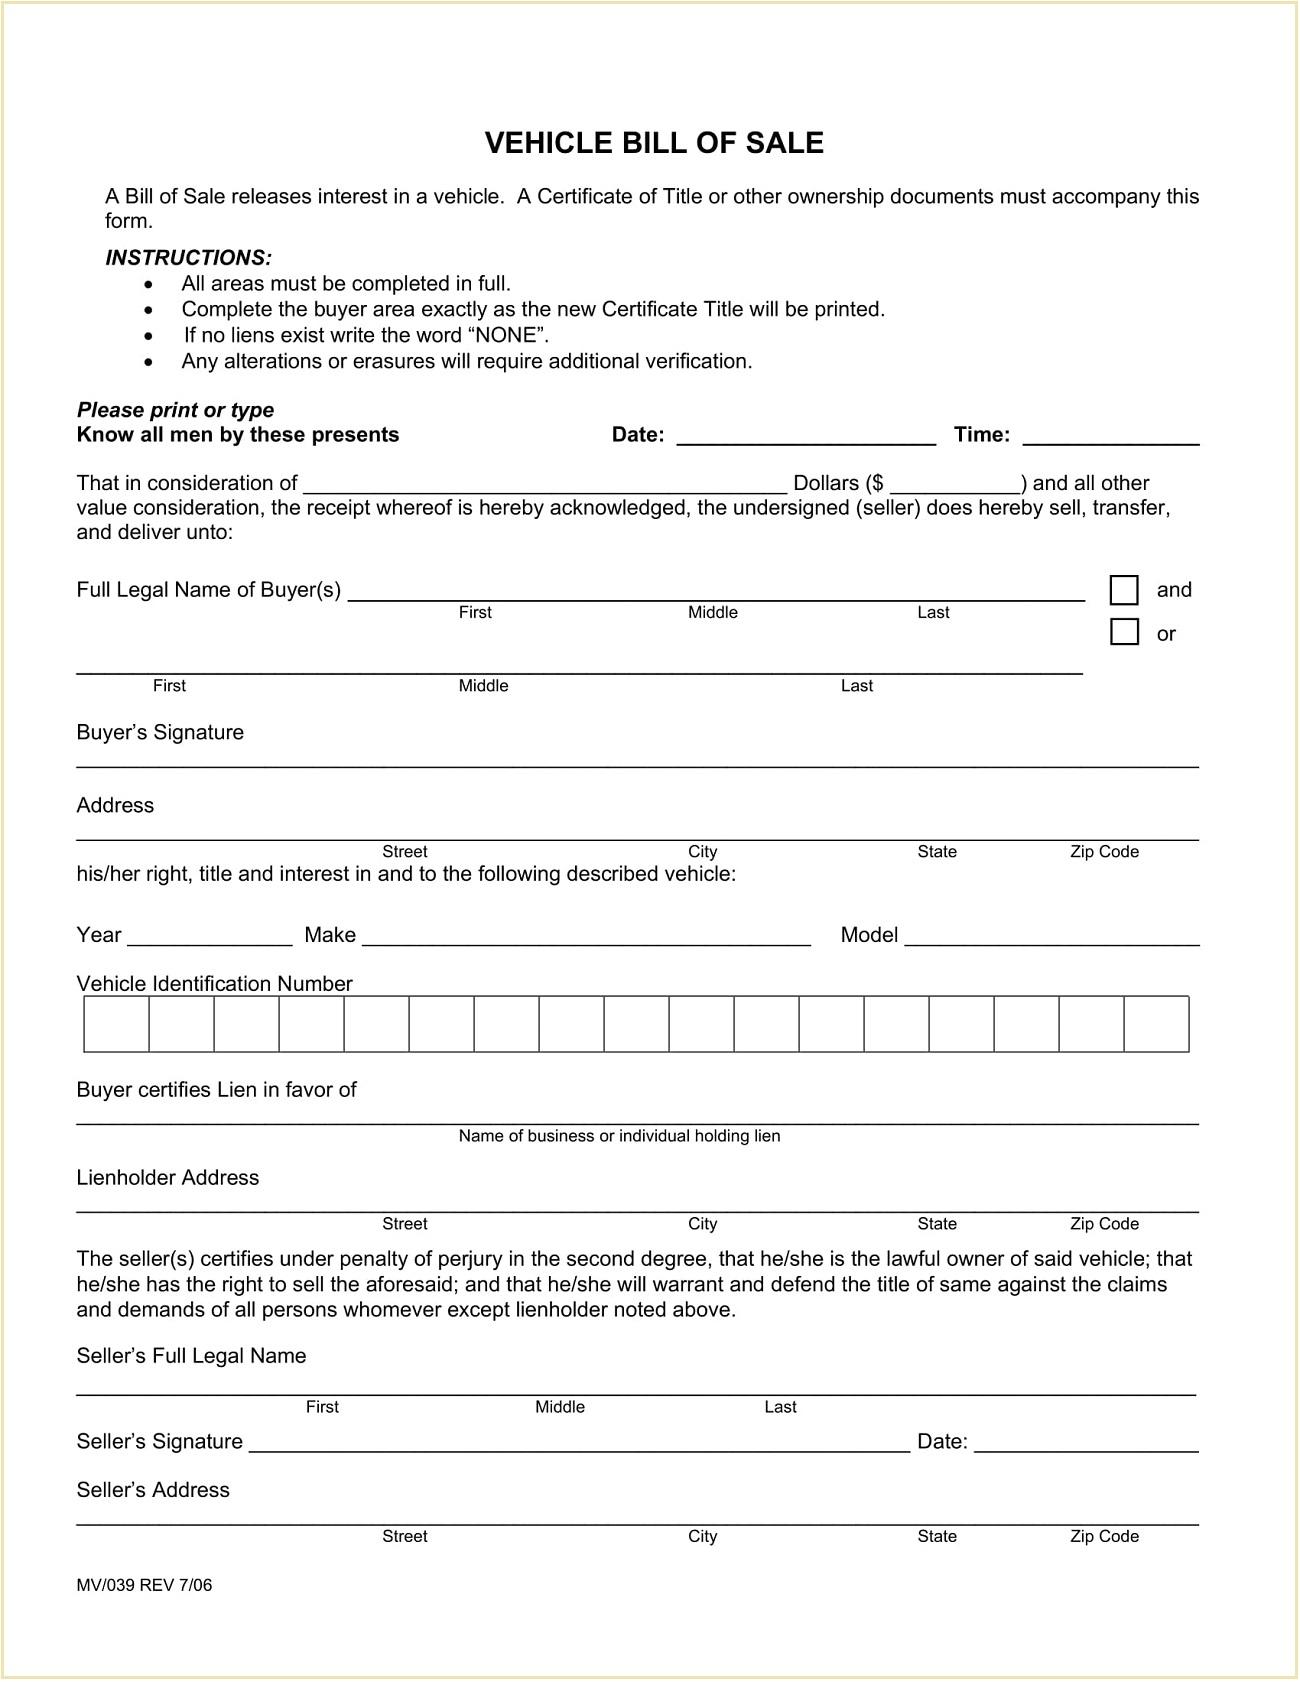 El Paso County Colorado DMV Motor Vehicle Bill of Sale Form PDF